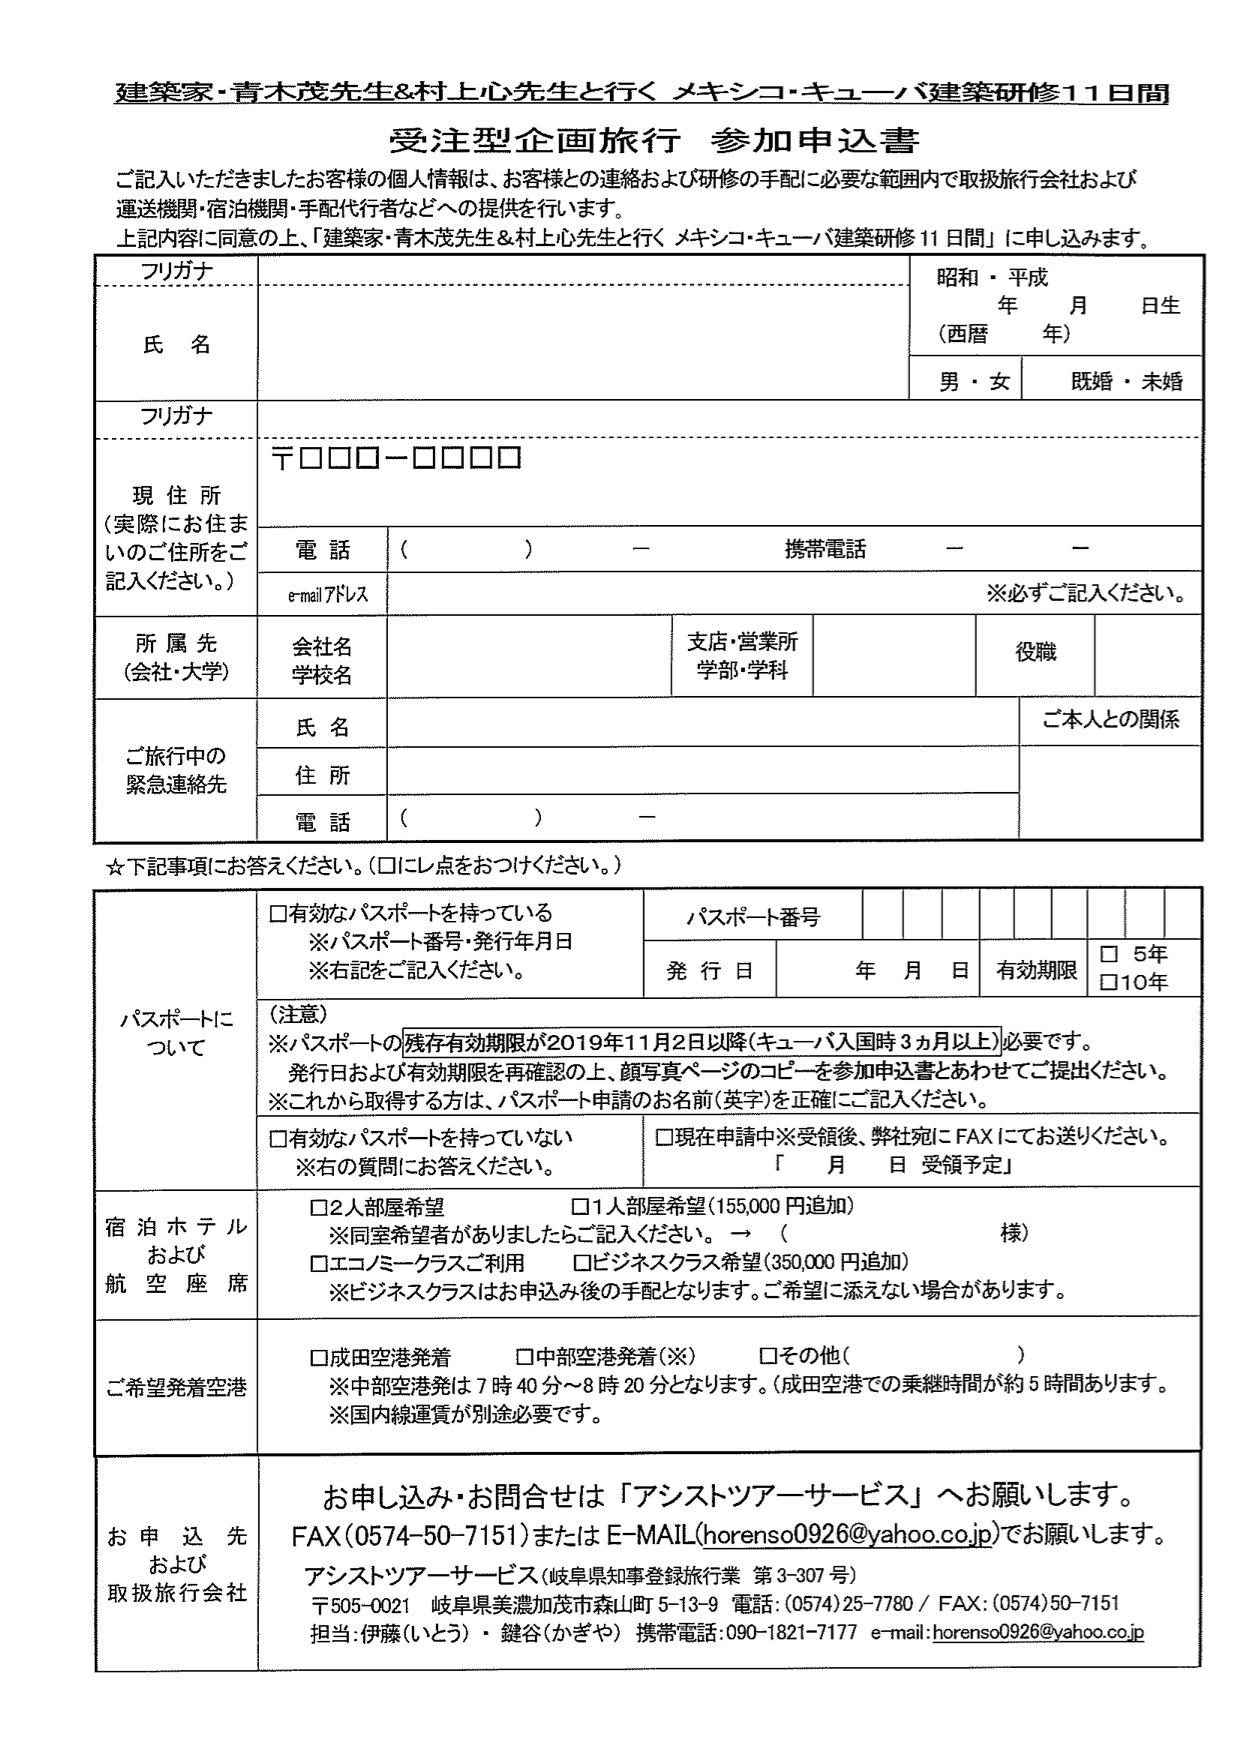 http://aokou.jp/news/images/%E3%83%A1%E3%82%AD%E3%82%B7%E3%82%B3%EF%BC%93.jpg